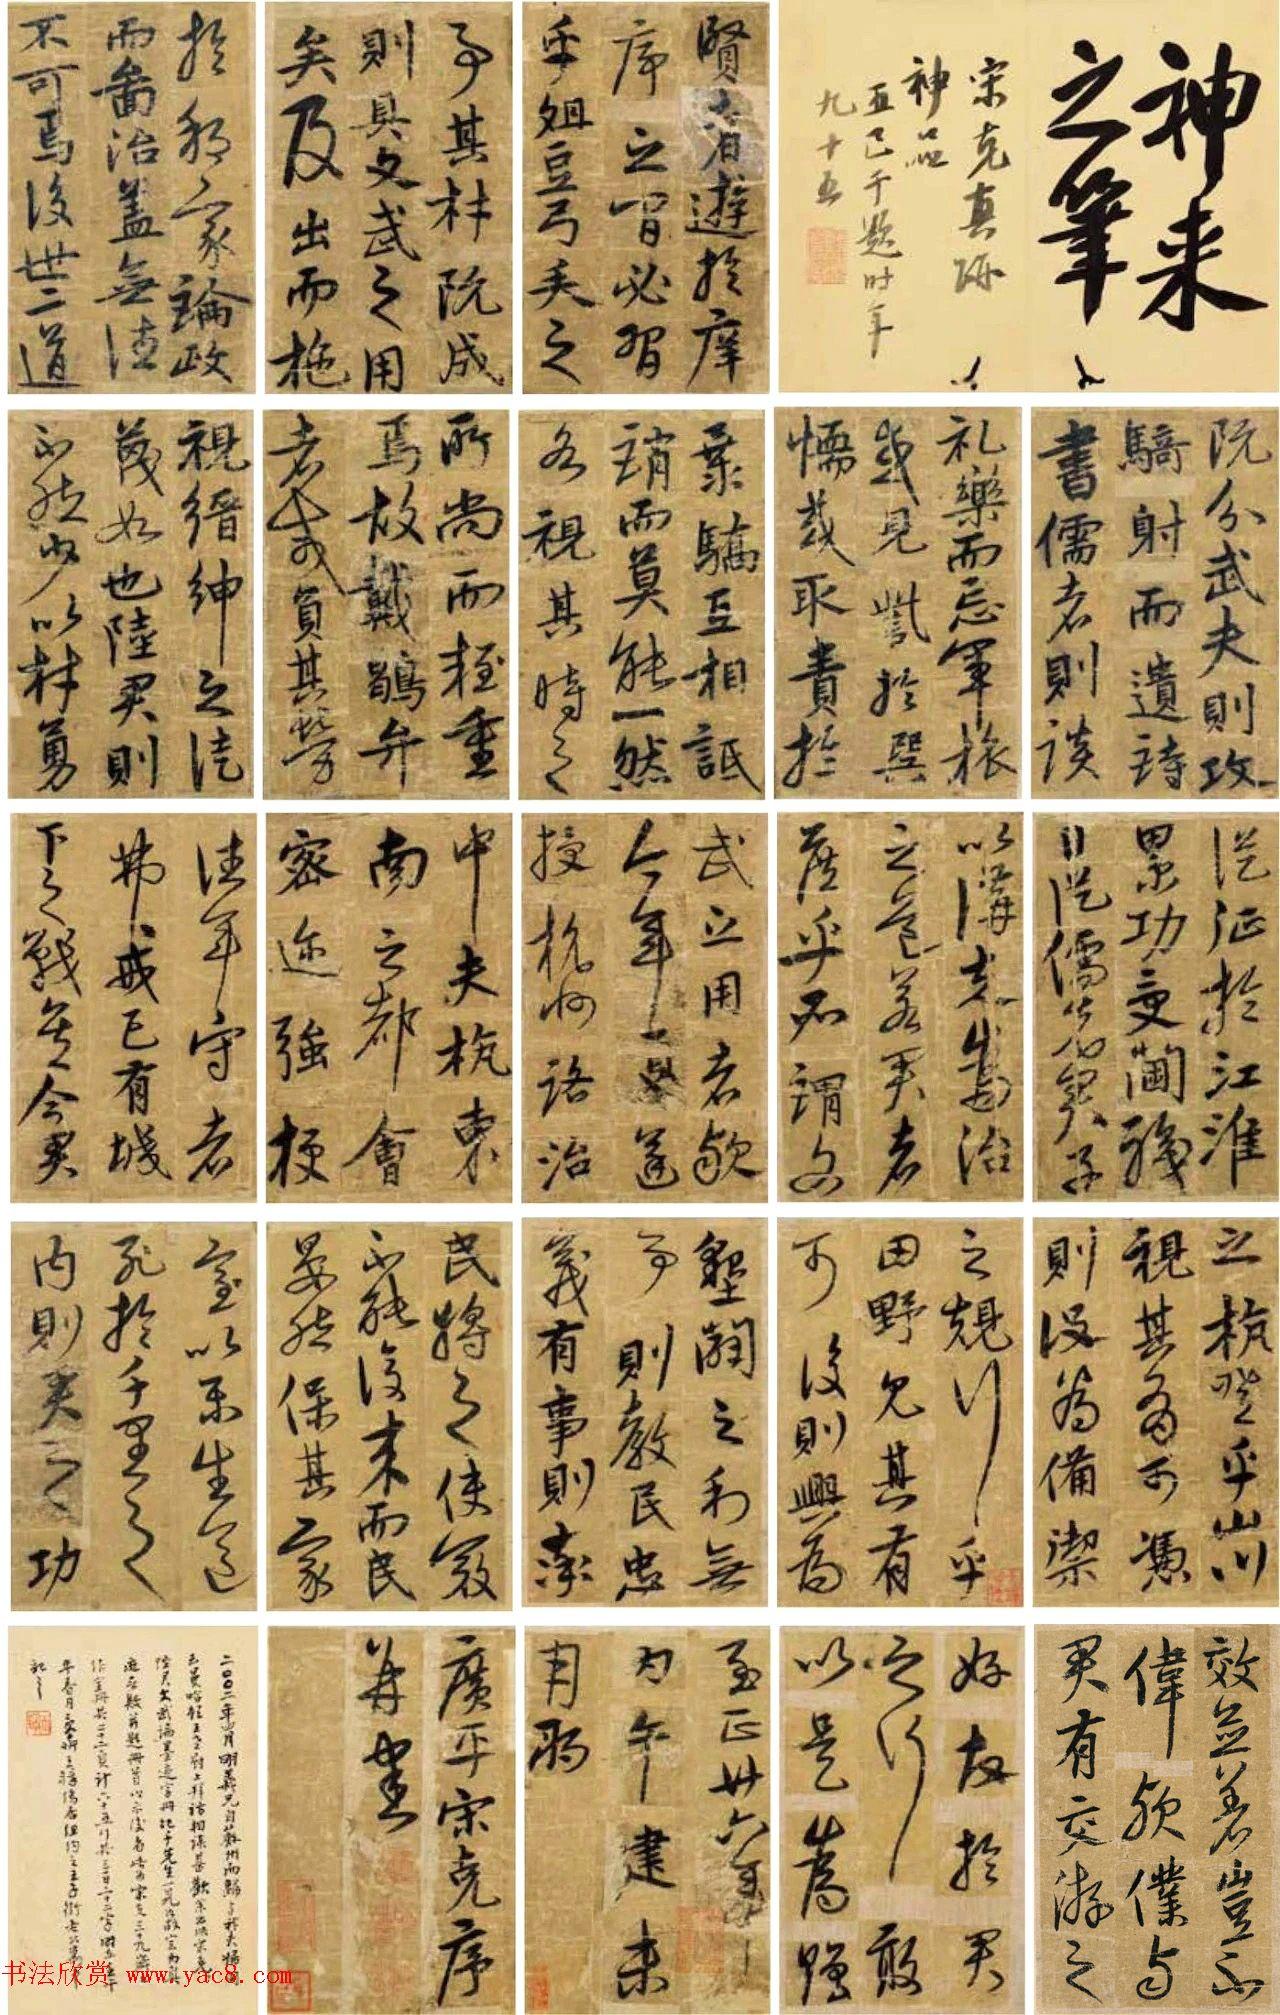 宋克书法册页《送陆治中之杭州序》(陆君文武论)